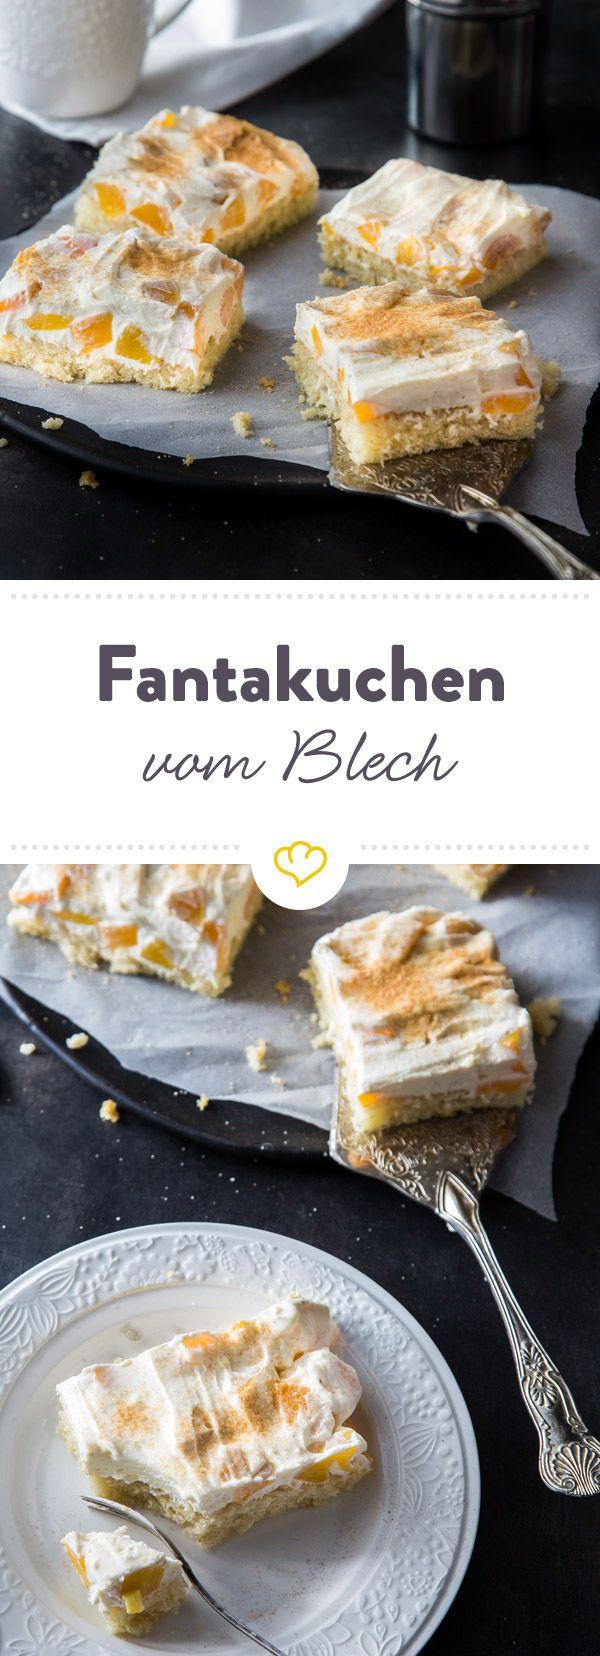 fantakuchen vom blech rezept kuchen torten und s er. Black Bedroom Furniture Sets. Home Design Ideas